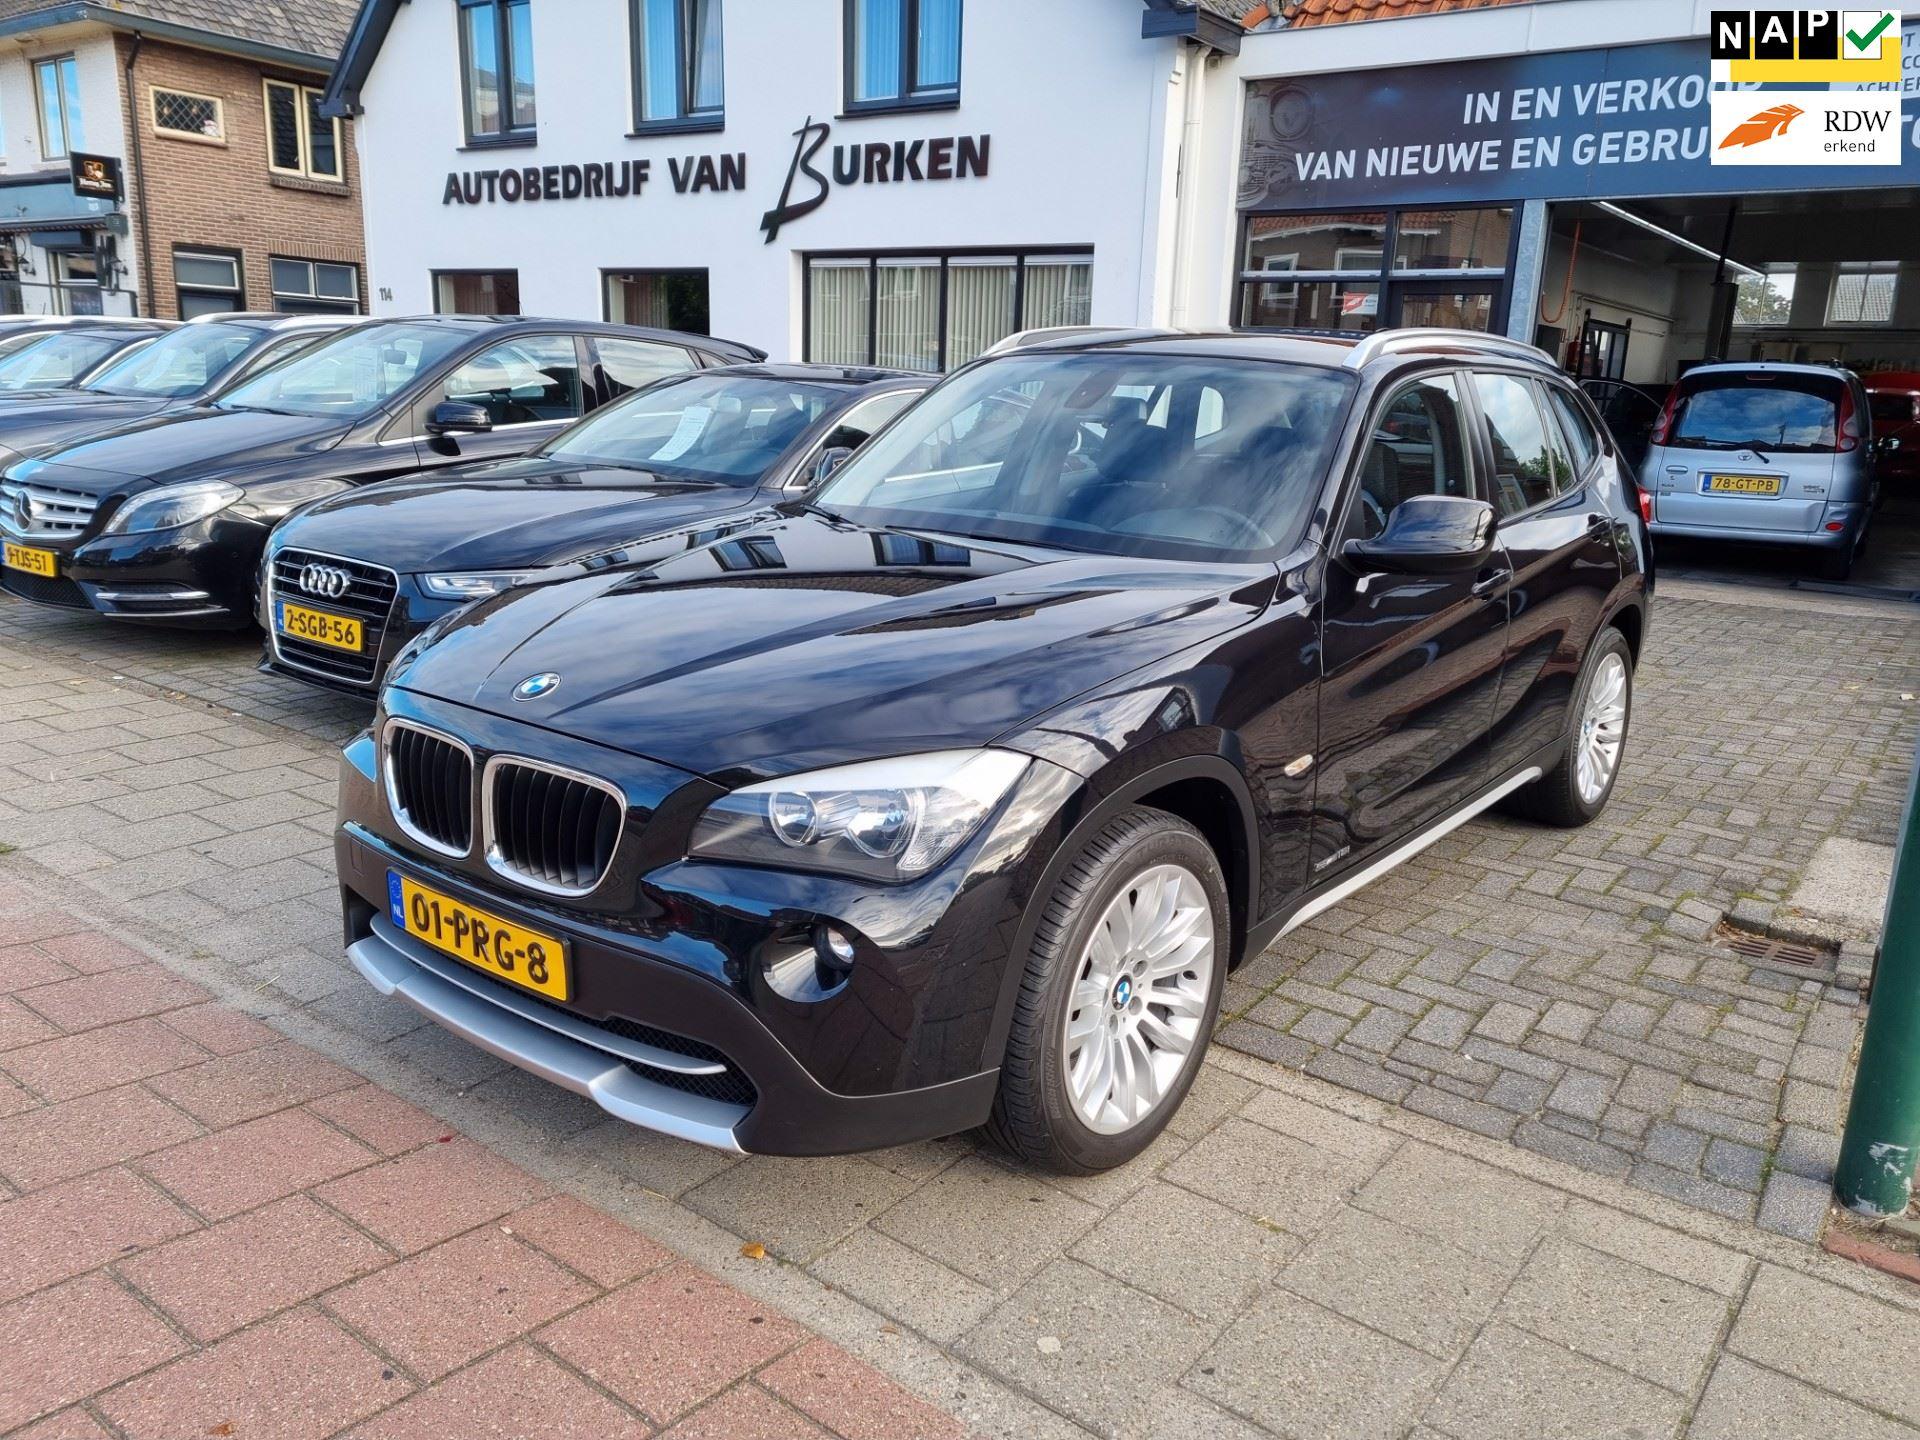 BMW X1 occasion - Autobedrijf van Burken